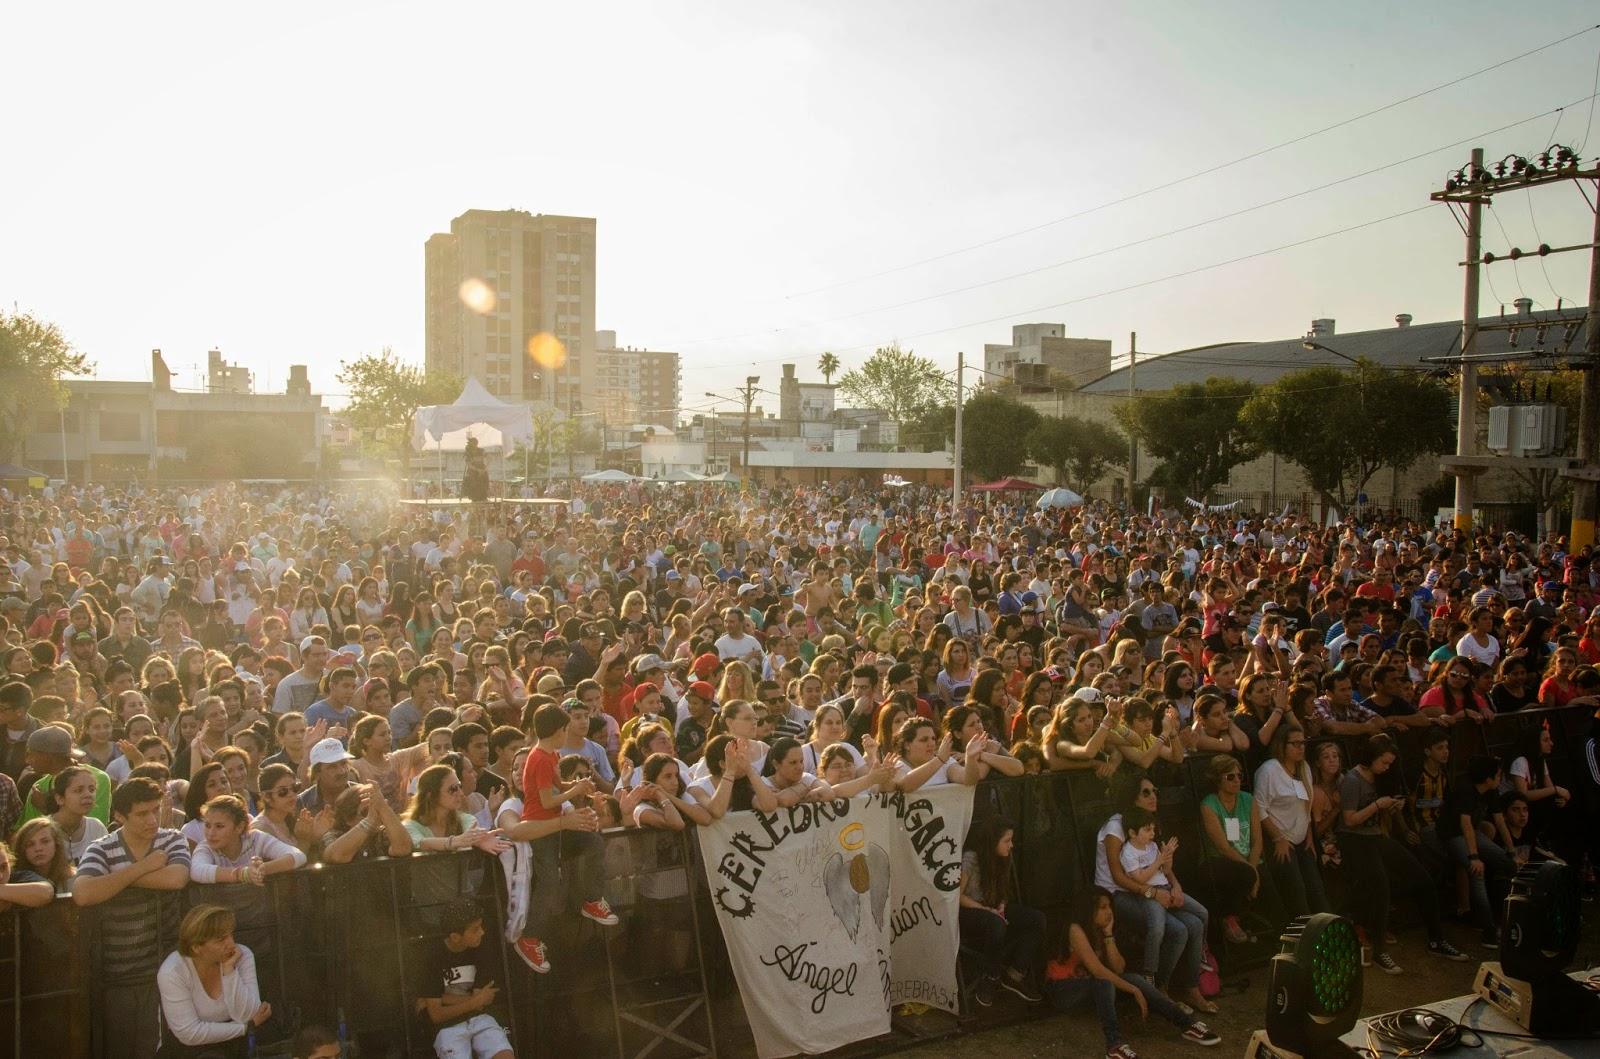 San Lorenzo recibió la primavera con una jornada plena de música y diversión